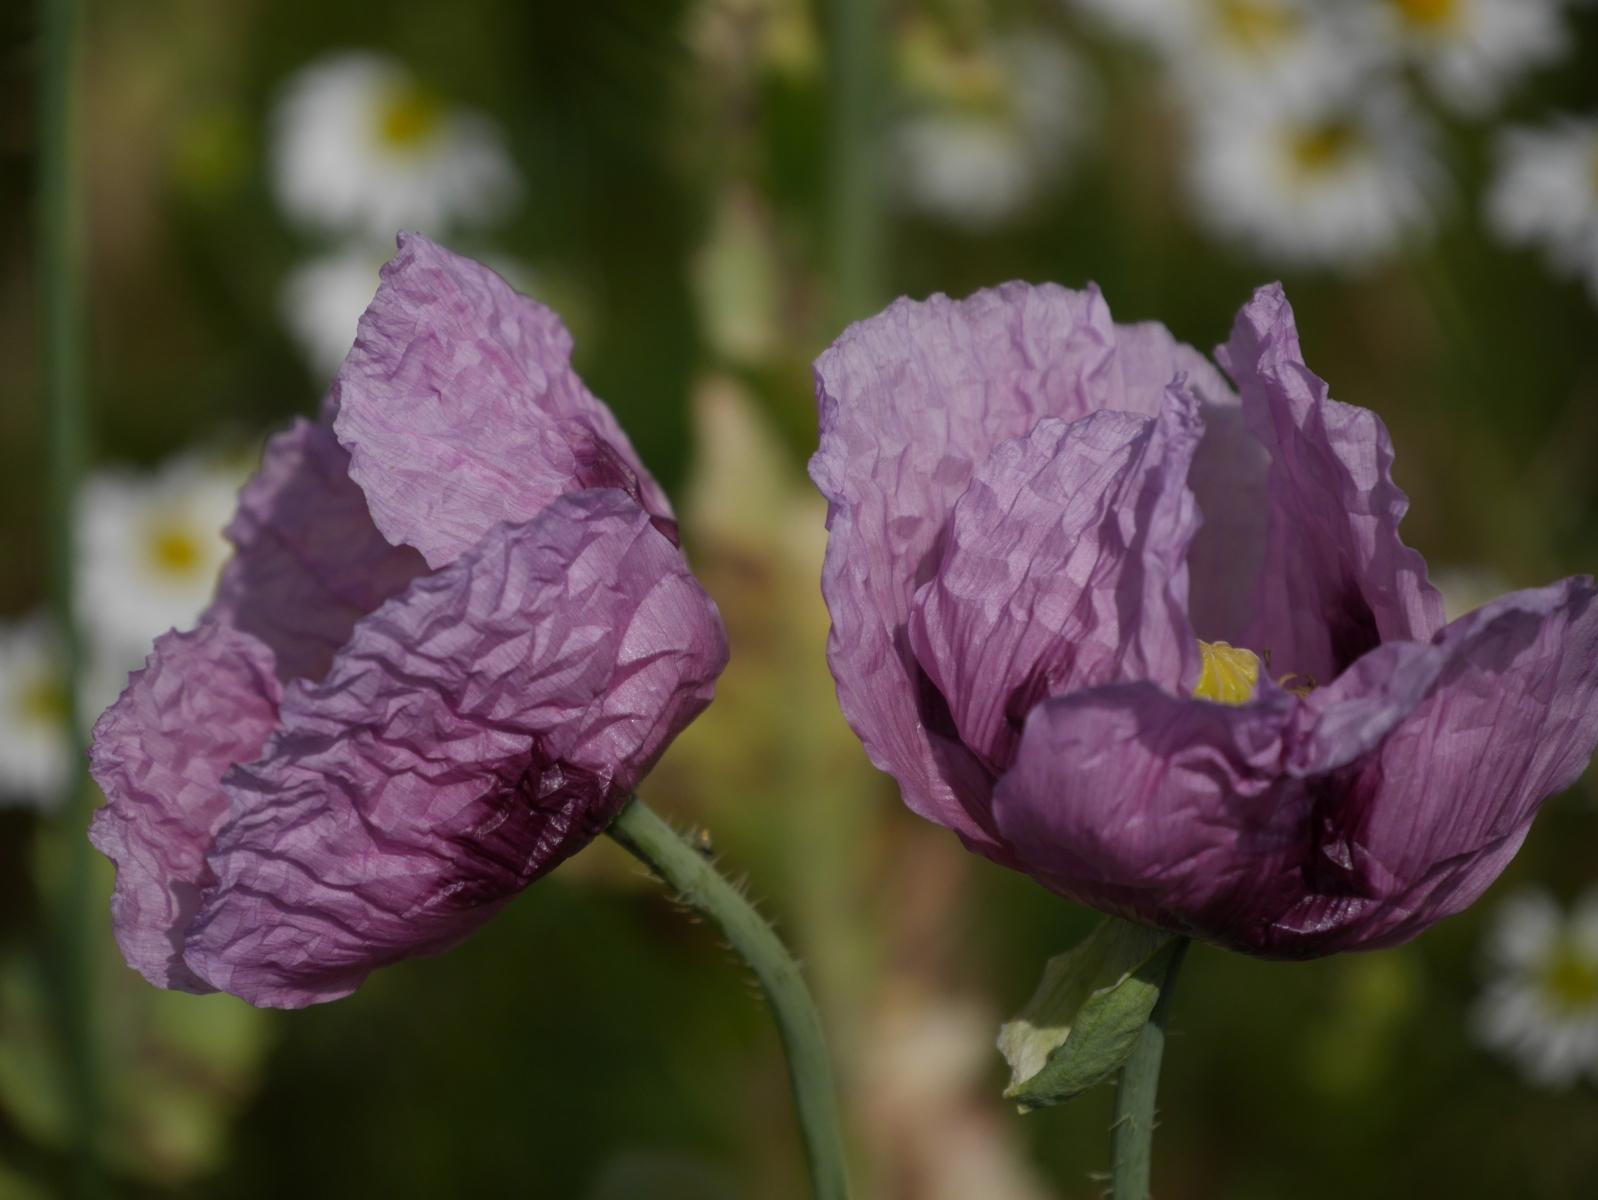 Gerade beim angebauten Mohn variieren die Farben in Flieder- und Violetttönen.